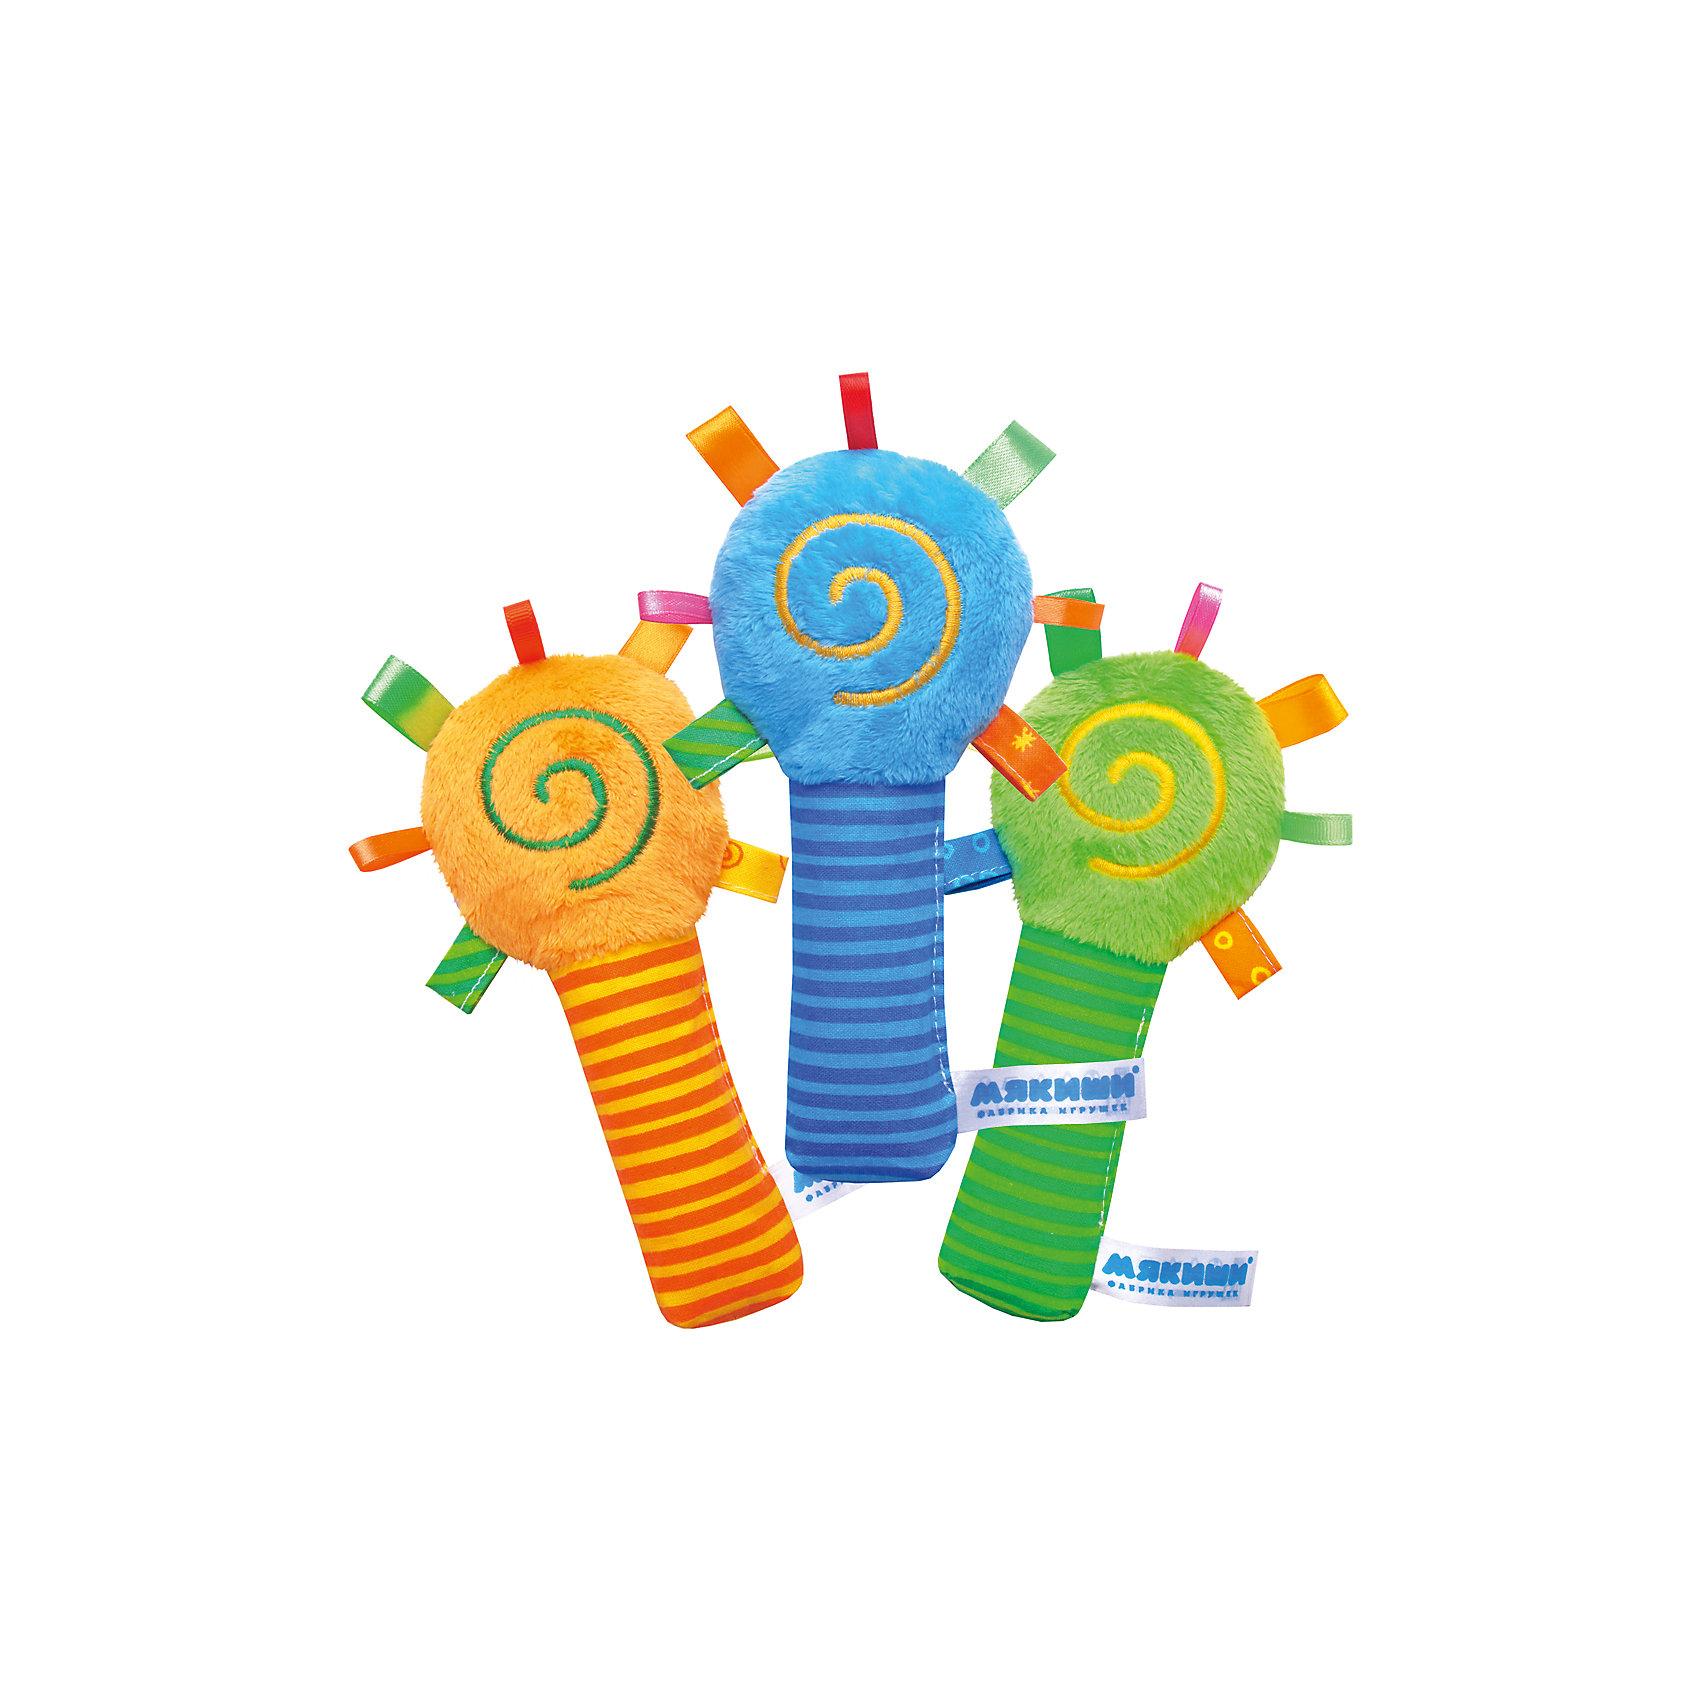 Игрушка ШуМякиши. Маракас, МякишиРазвивающие игрушки<br>Мягкие ШуМякиши - это самые первые игрушки для малышей. Маракас сделан из разнофактурных материалов. Игрушка стимулирует тактильные навыки ребенка, работу зрительных и слуховых рецепторов. Развивает мелкую моторику, а яркие насыщенные цвета привлекают внимание. Эргономичная форма,  яркость, разнофактурные материалы, звуковые элементы способствуют двигательной и эмоциональной активности ребенка, формируют хватательный рефлекс и, конечно, дарят хорошее настроение. В производстве игрушки использованы только высококачественные гипоаллергенные материалы безопасные для детей. <br><br>Дополнительная информация:<br><br>- Материал: мех, хлопок 100%.<br>- Размер :17 х 8 см.<br>- Погремушка внутри.<br>- Хрустящая ручка.<br>- Цветные петельки.<br>- Разнофактурные материалы.<br>- Фирменная вышивка.<br>ВНИМАНИЕ! Данный артикул имеется в наличии в разных цветовых исполнениях. К сожалению, заранее выбрать определенный цвет невозможно. При заказе нескольких позиций возможно получение одинаковых.<br><br><br>Игрушку ШуМякиши. Маракас, Мякиши, можно купить в нашем магазине.<br><br>Ширина мм: 190<br>Глубина мм: 90<br>Высота мм: 40<br>Вес г: 100<br>Возраст от месяцев: 12<br>Возраст до месяцев: 36<br>Пол: Унисекс<br>Возраст: Детский<br>SKU: 4532677